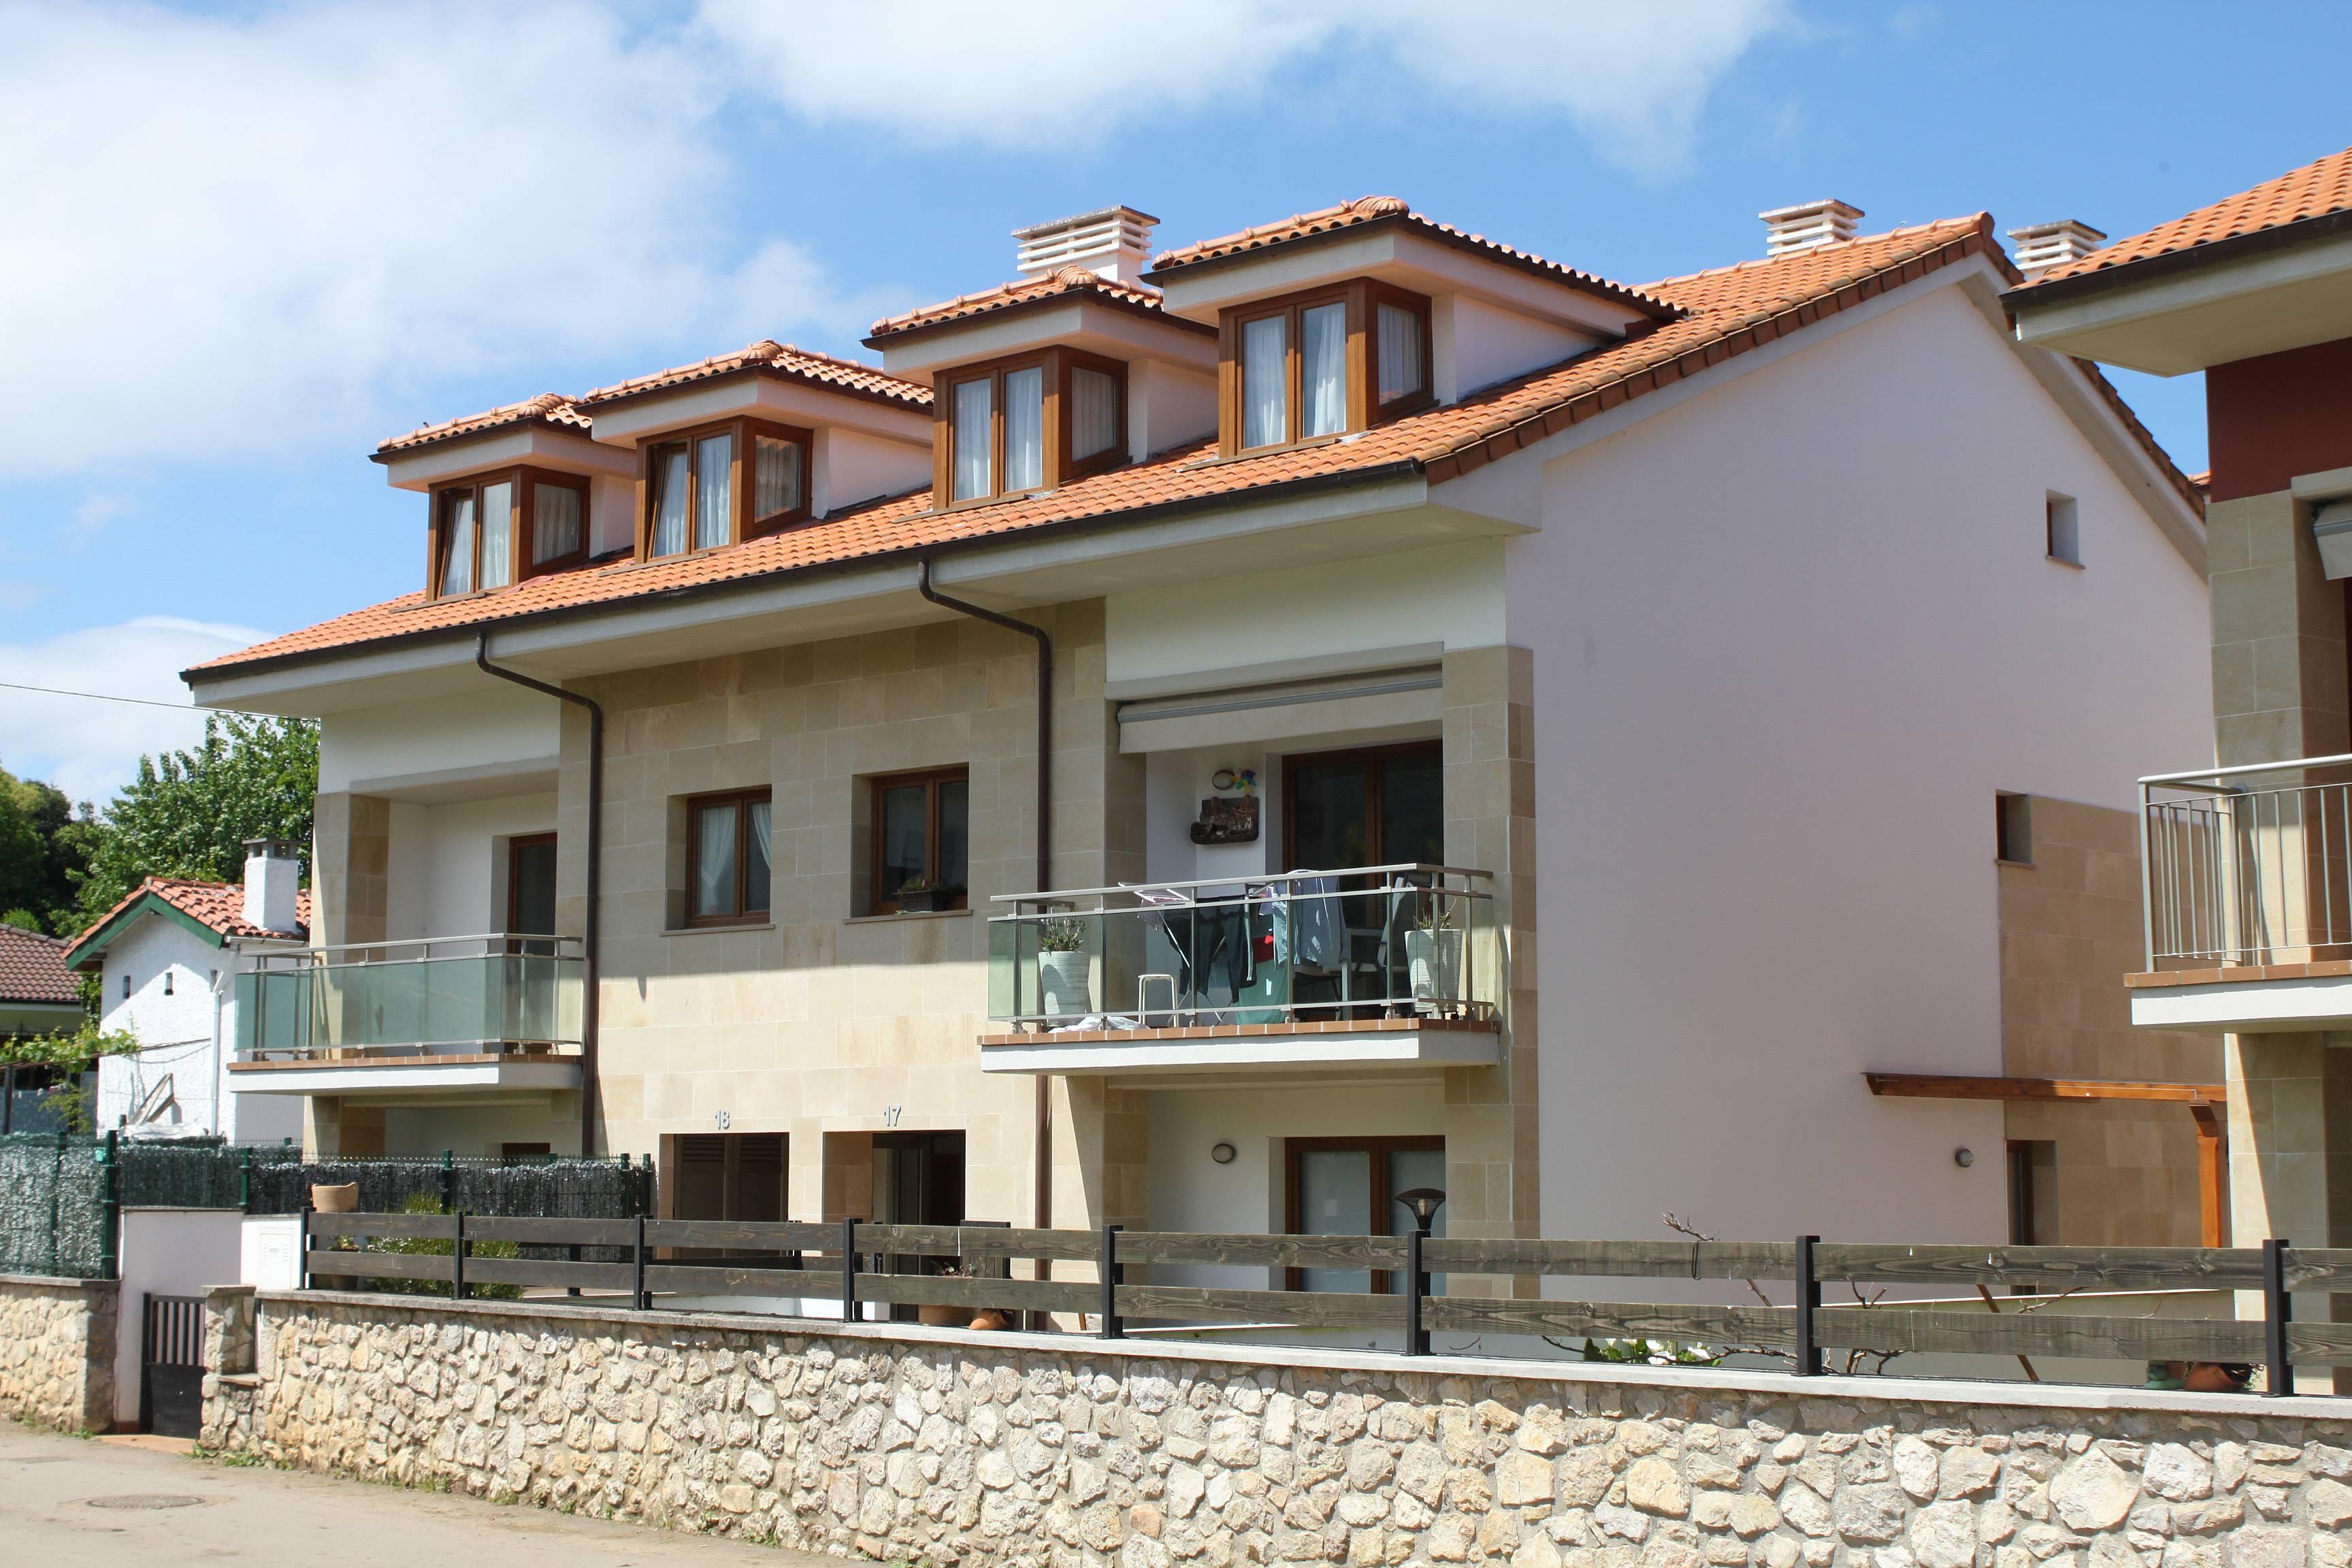 Alquiler vacaciones apartamentos y casas rurales en bricia llanes - Apartamentos rurales llanes ...